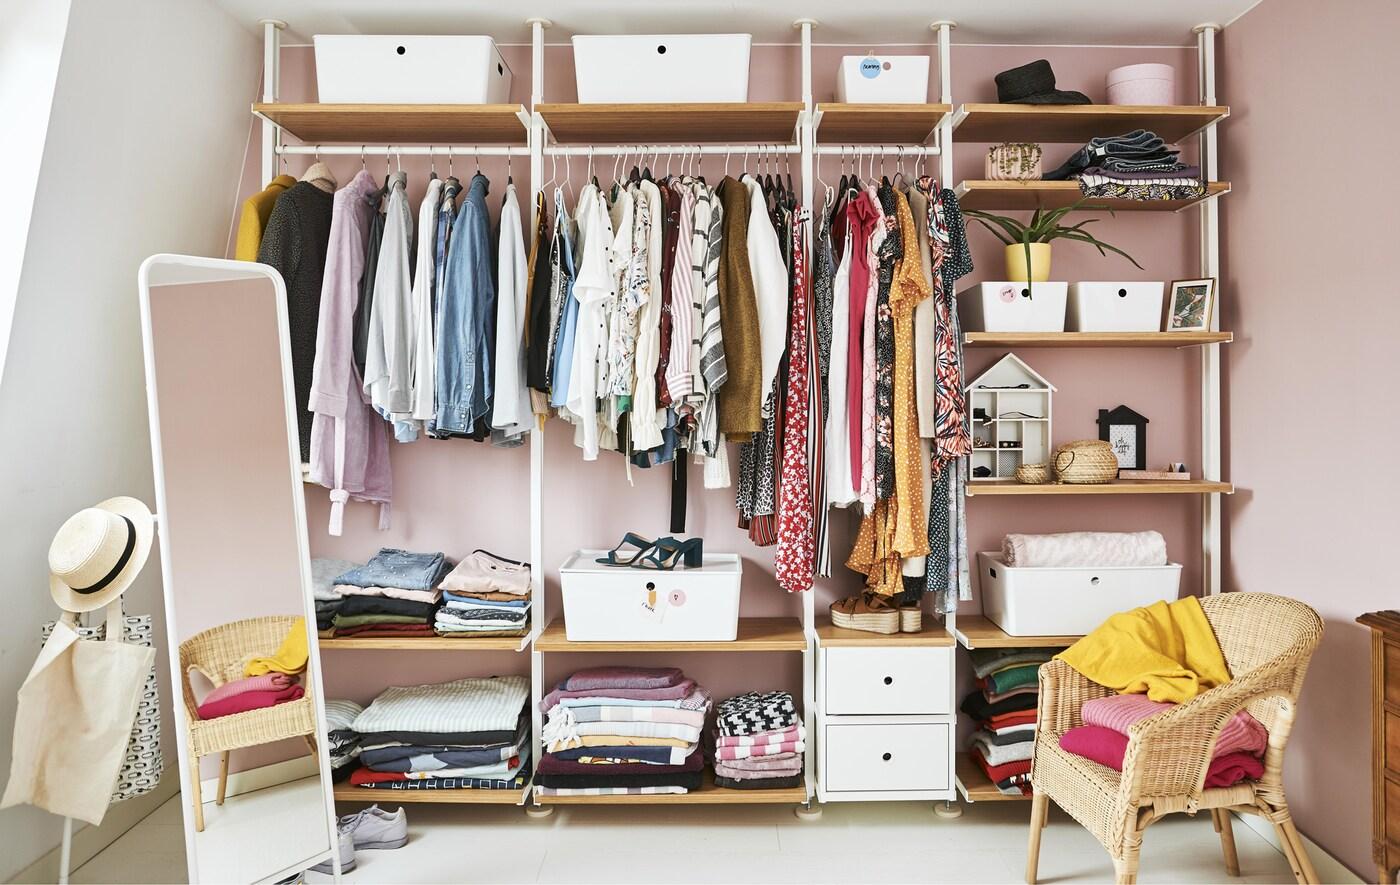 Otvoren garderober pun odeće, sa stalcima, policama i kutijama, naspram roze zida.